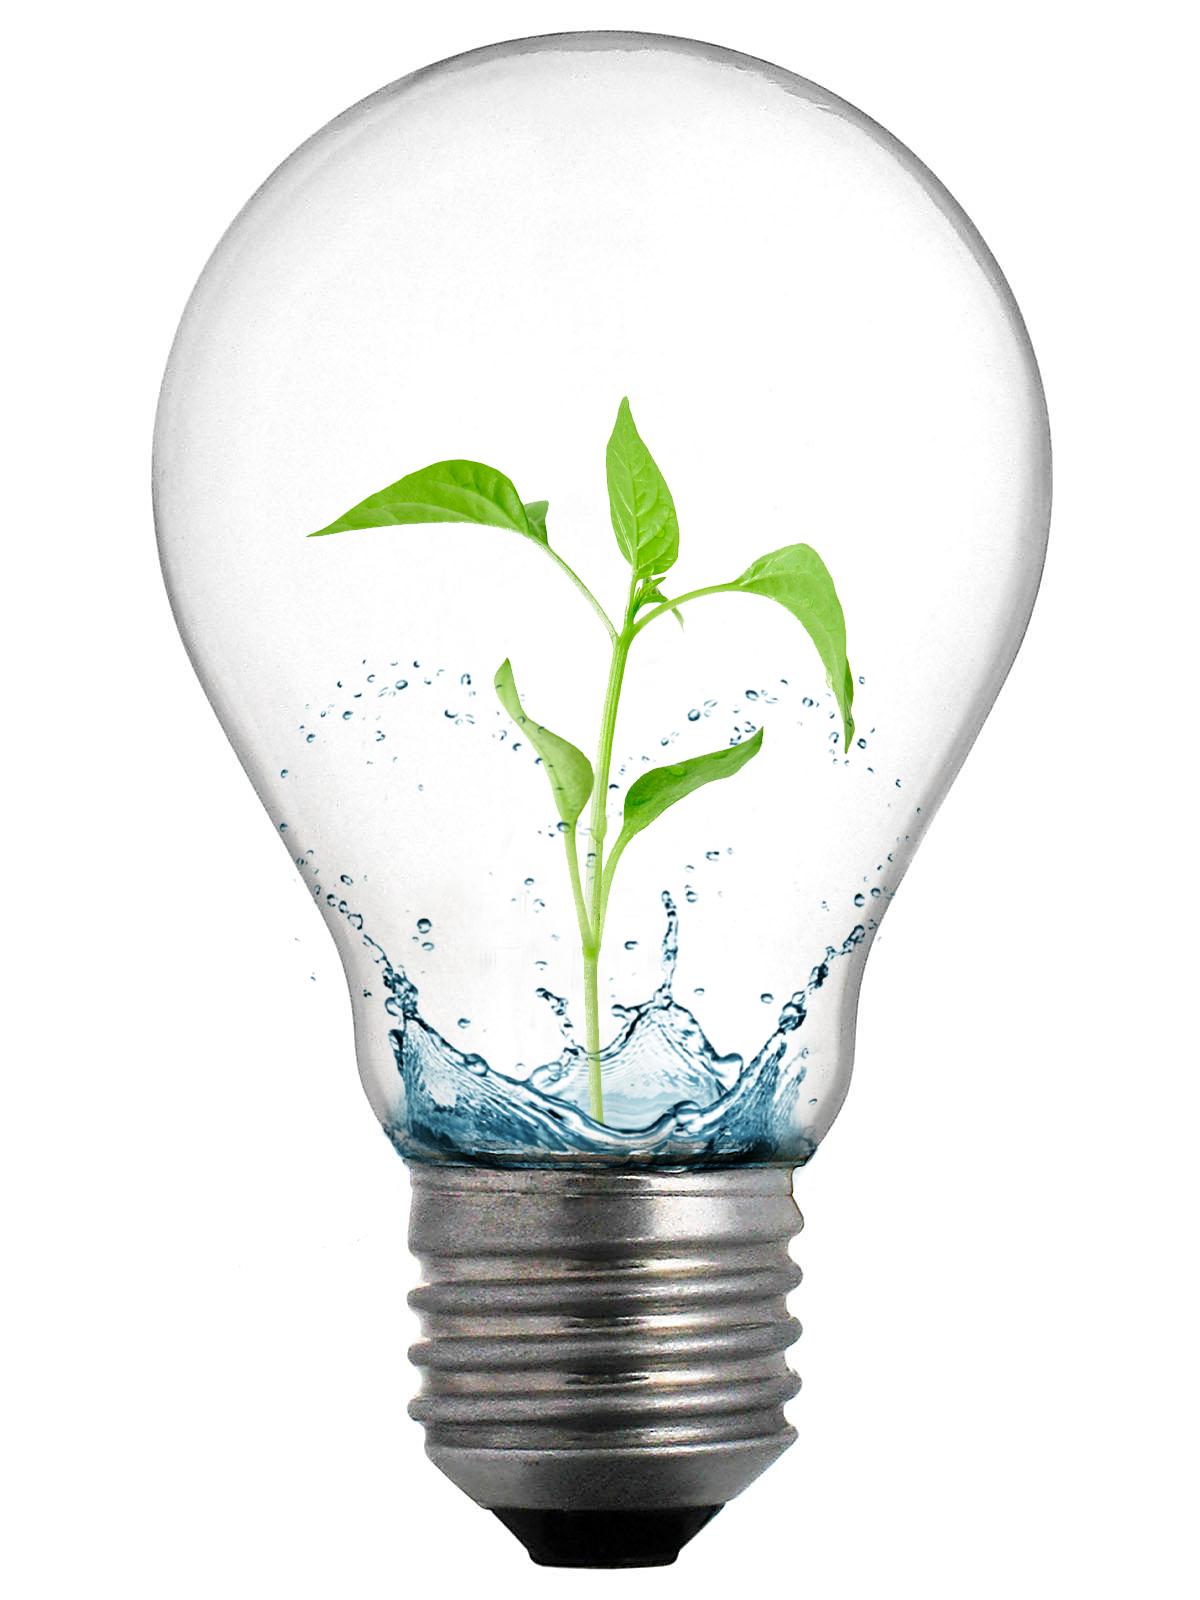 light bulb png - Bulb HD PNG